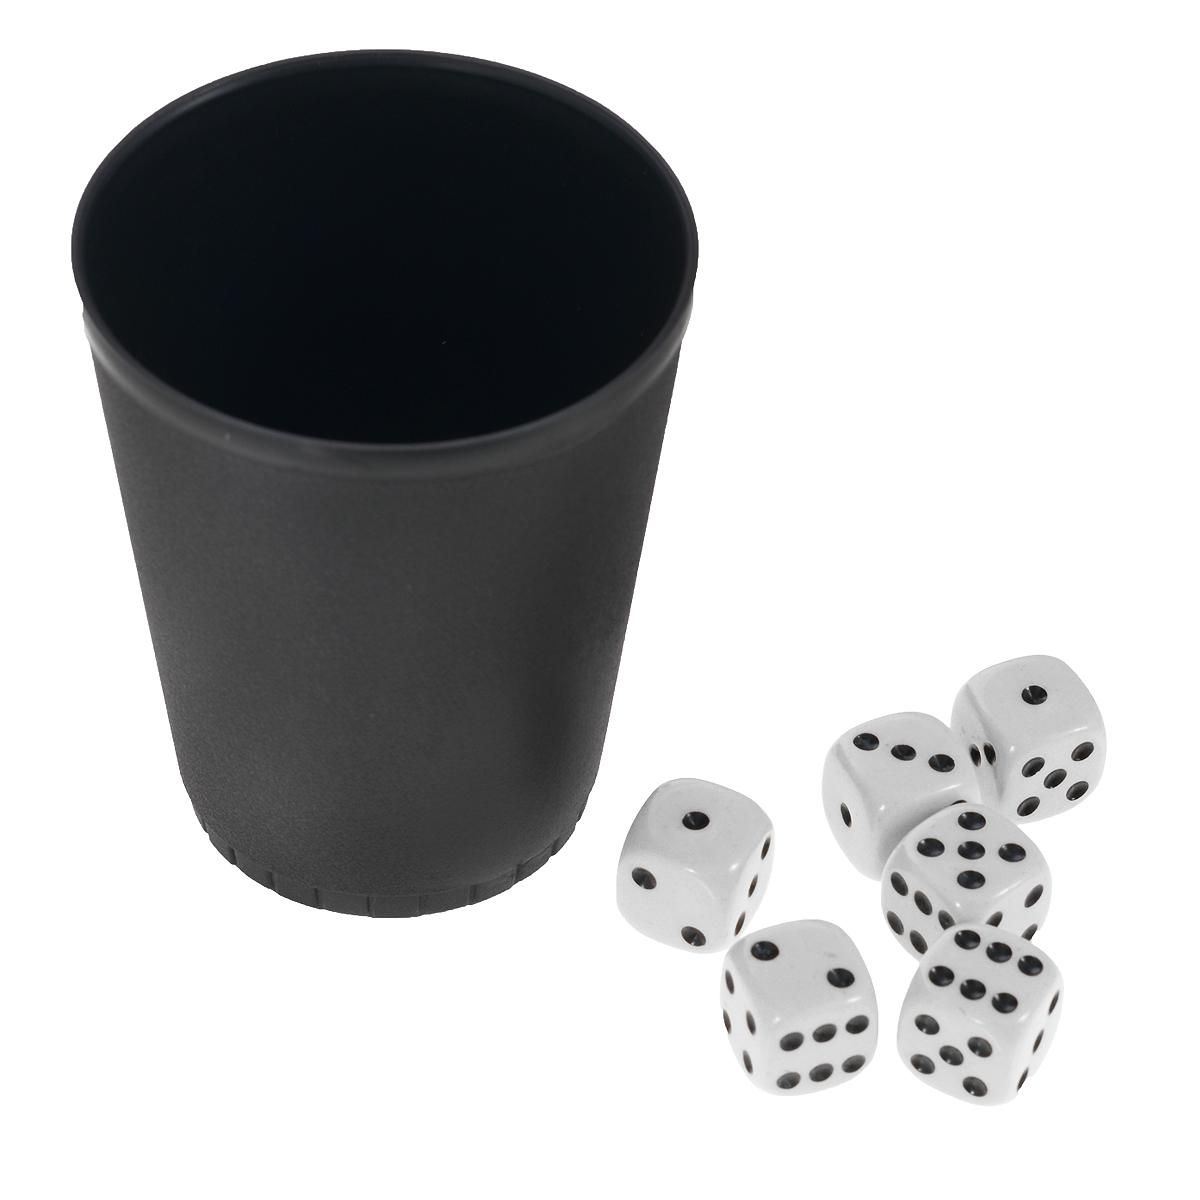 Игра настольная Русские Подарки Кости, размер: 10*10*8 см. 4243542435Игра настольная Русские Подарки Кости - это интересная настольная игра для детей старше 5 лет. Кубики и стакан выполнены из высококачественных материалов, благодаря чему набор станет отличным подарком. Данная игра имеет небольшой размер, что позволяет брать её с собой в дорогу. В наборе стаканчик и шесть кубиков.